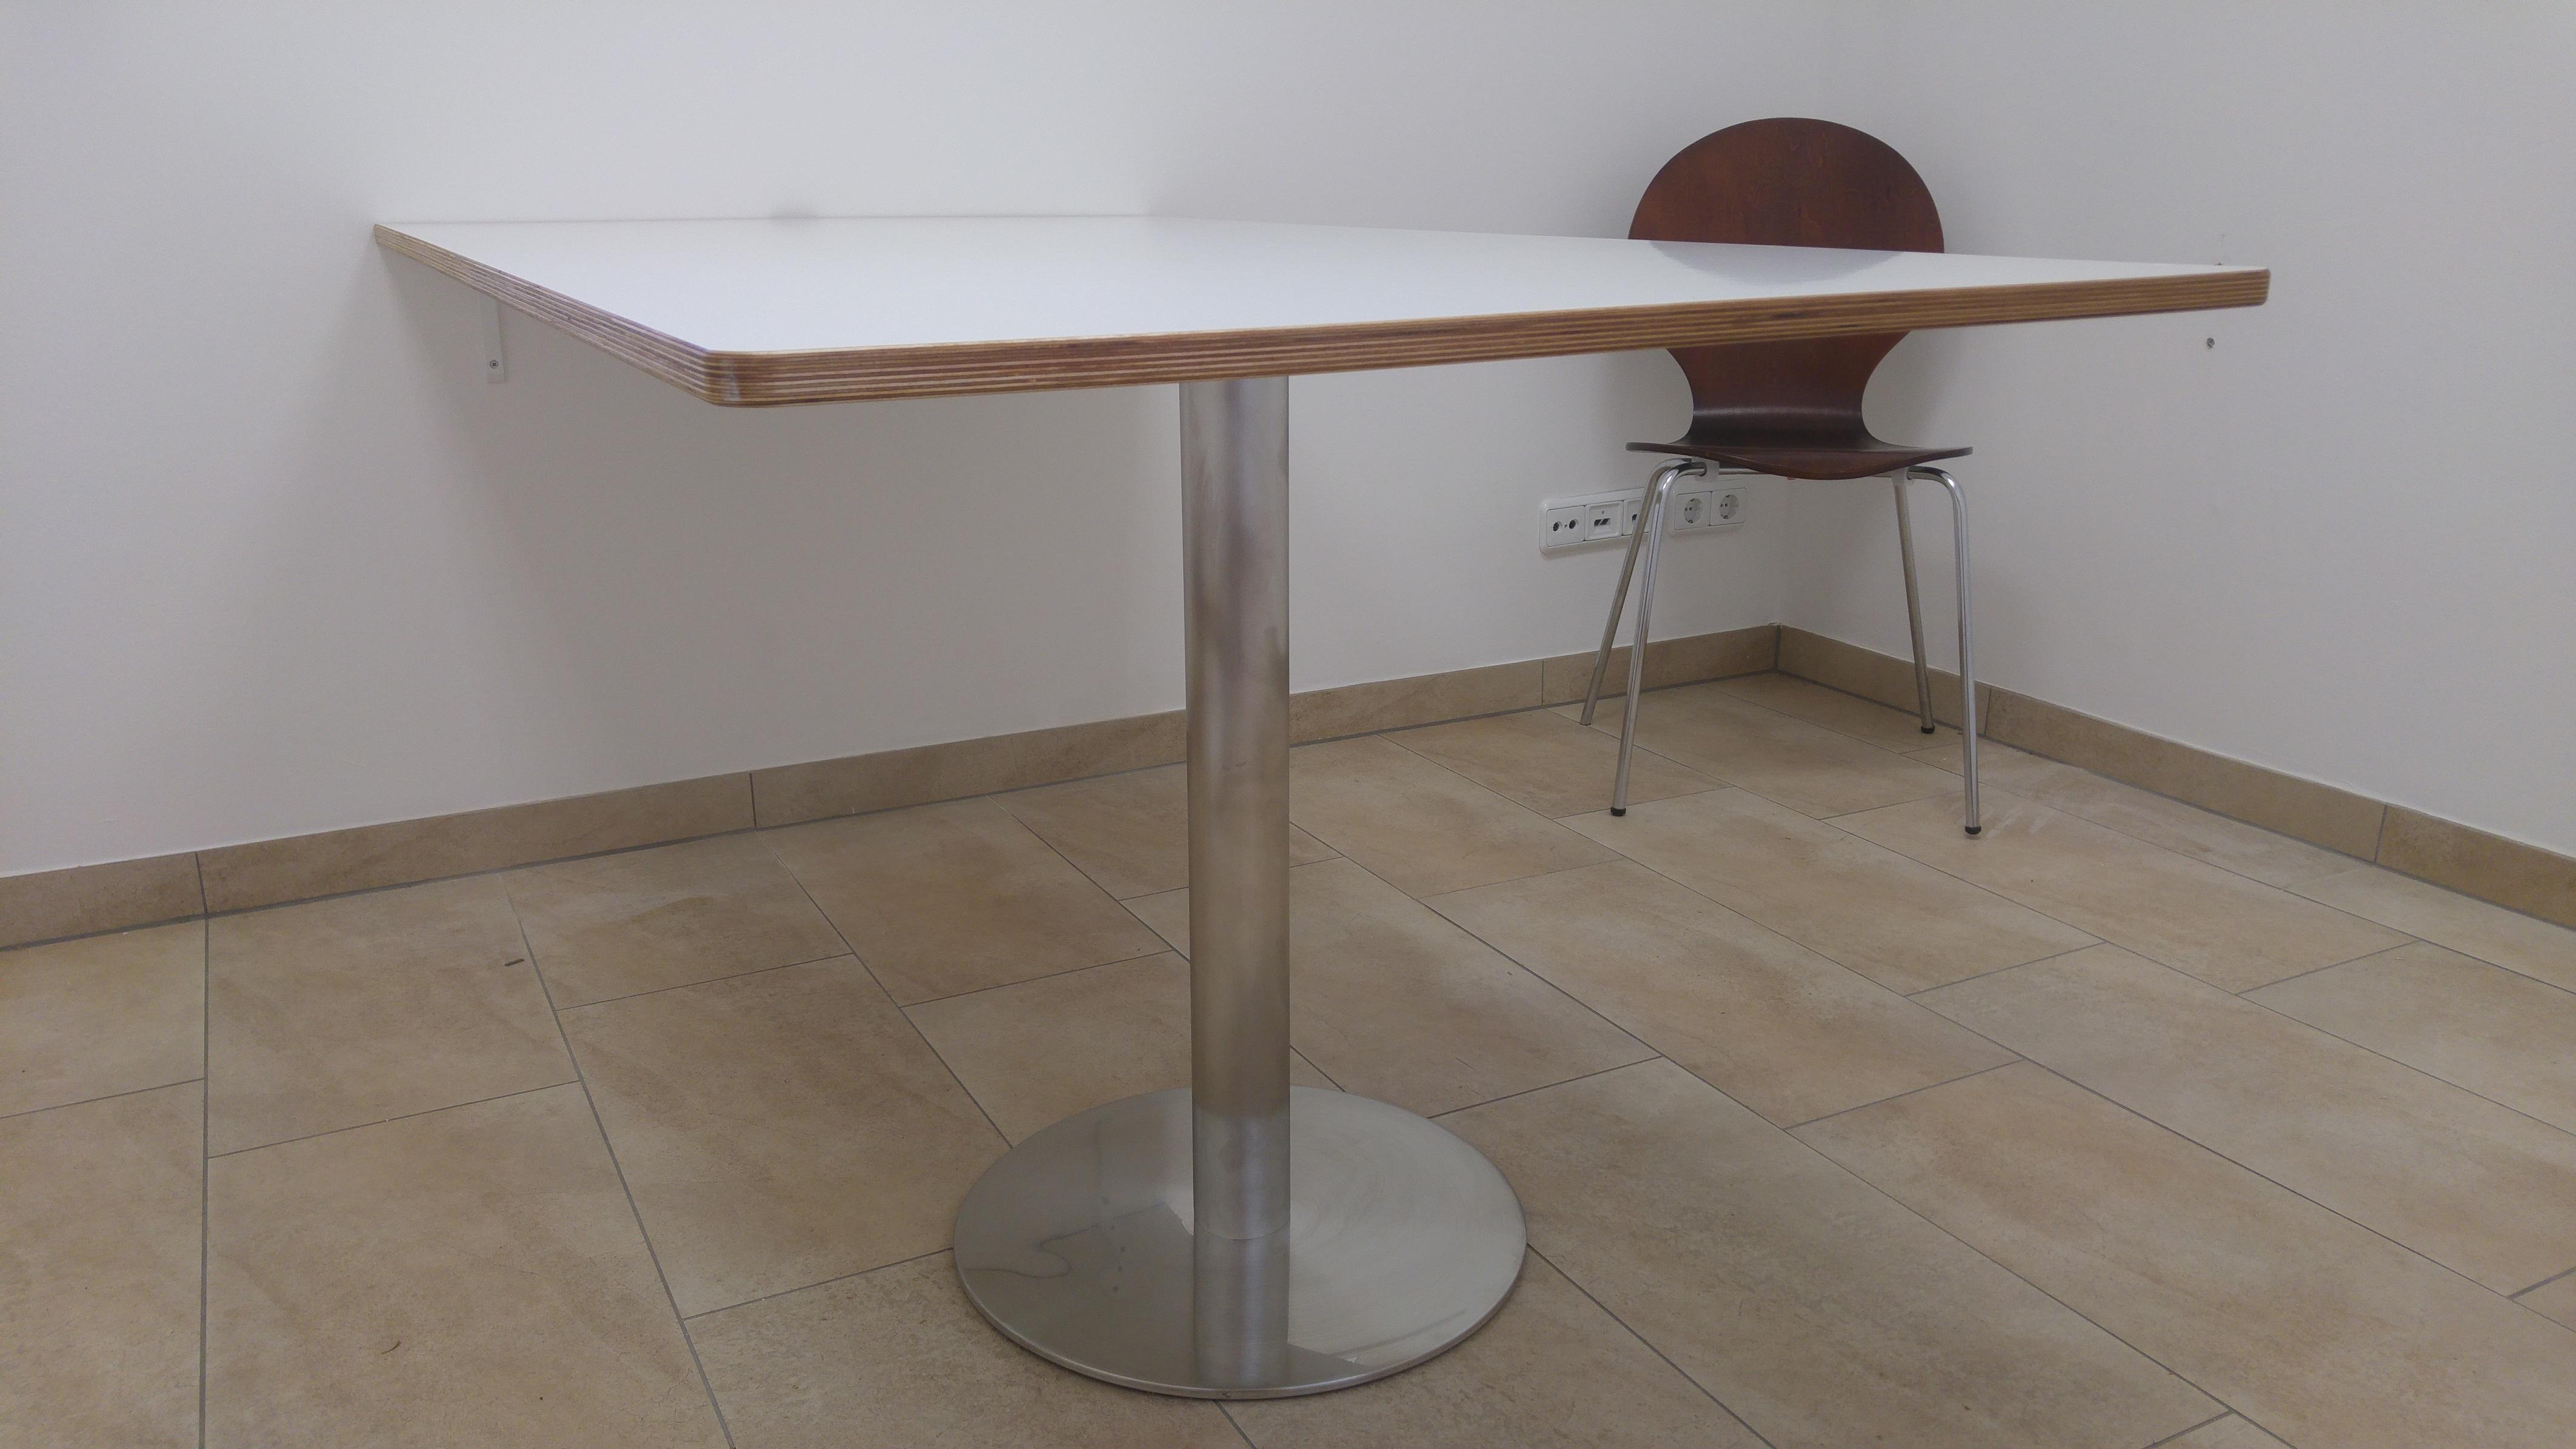 Konferenztisch aus 21mm Sperrholz beschichtet